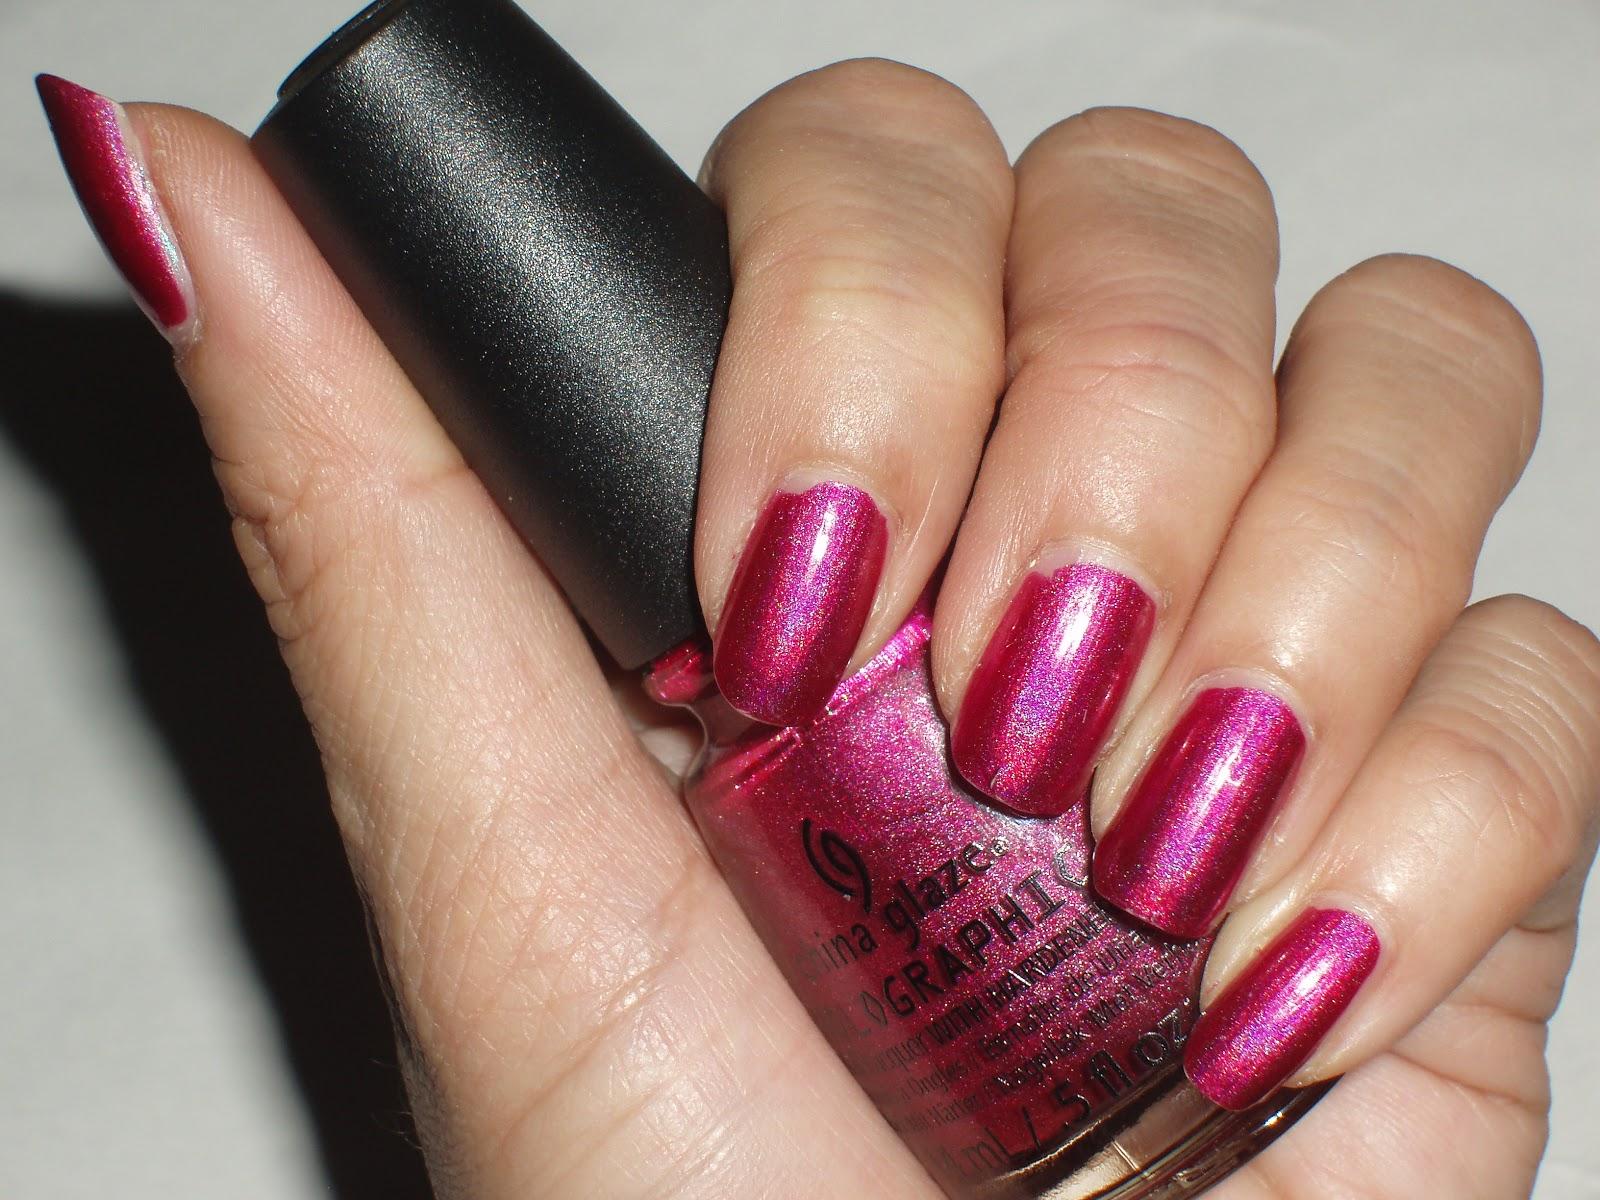 2.bp.blogspot.com_-f6HC9IWzb1M_UYbW2EzZGiI_AAAAAAAAHts_E6dXISK73rI_s1600_P1010239+-+China+Glaze+Infra+Red